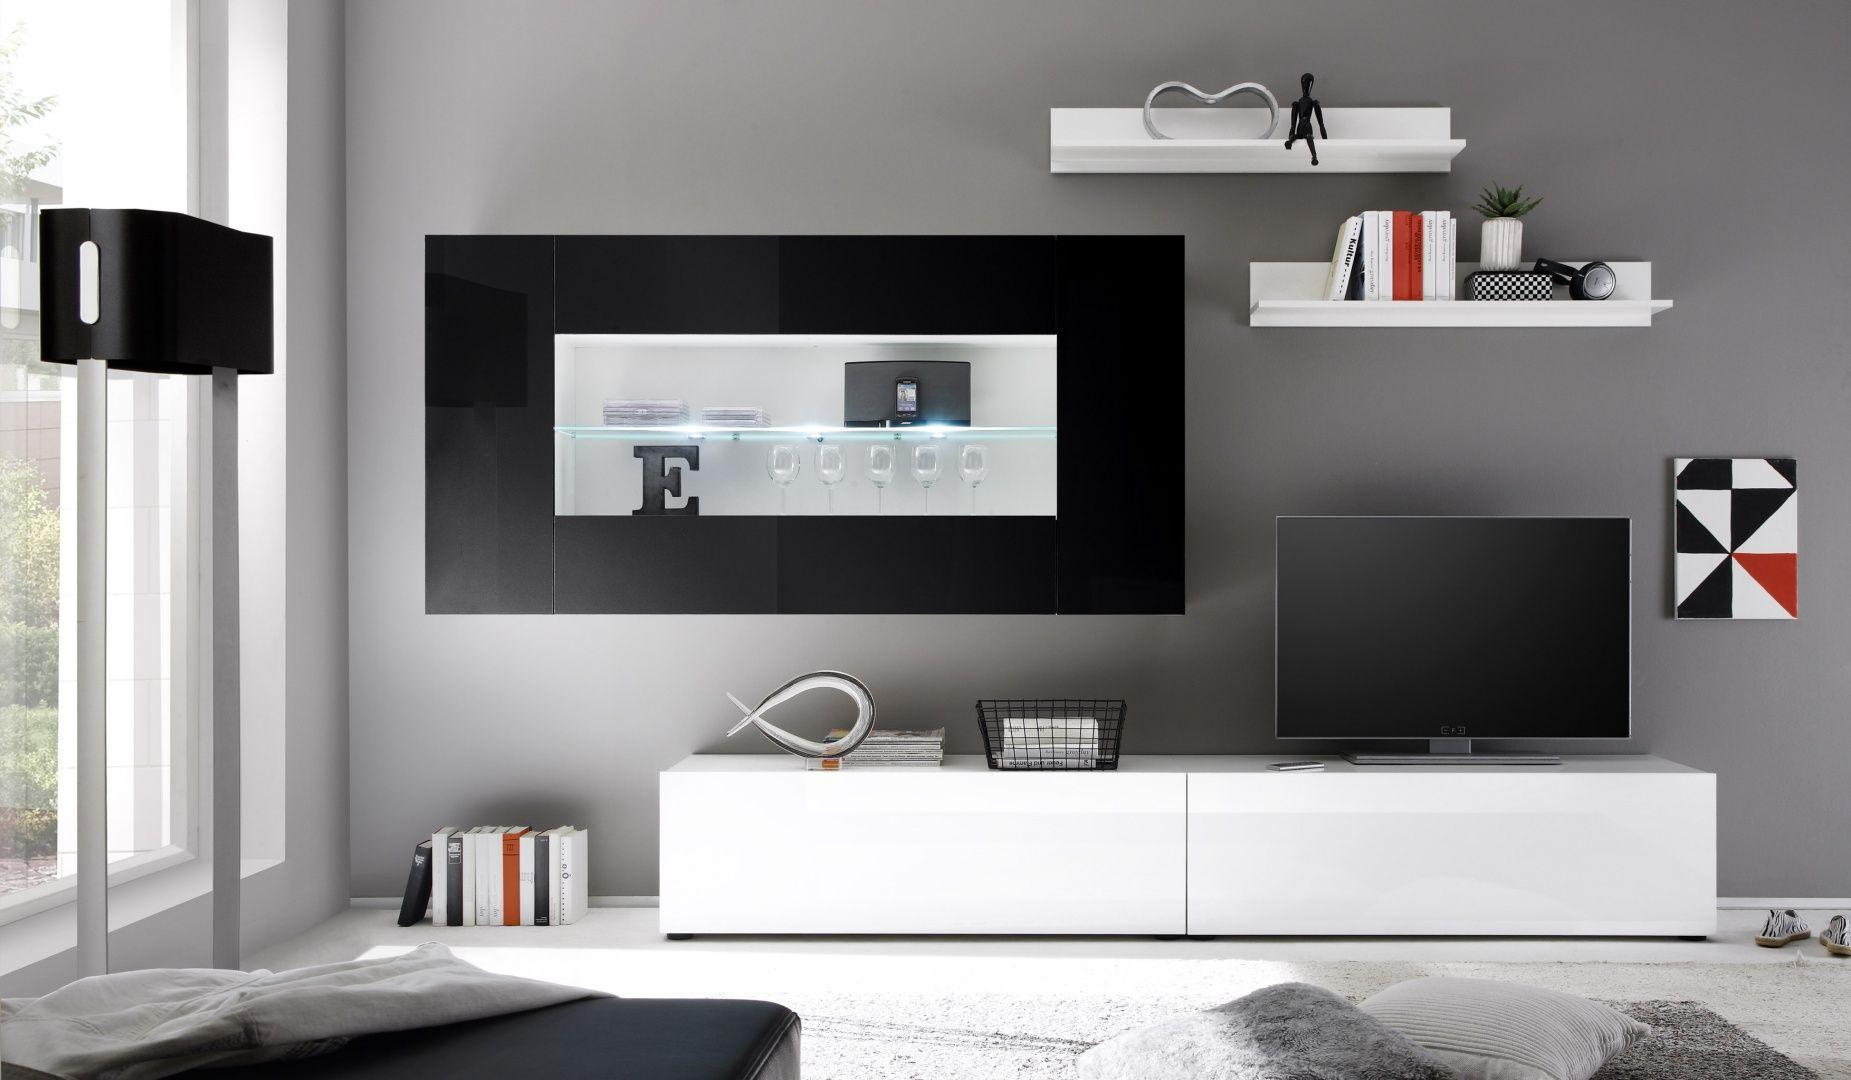 New Lowboards und Vitrinen mit Glasablagen Schubladen Beleuchtung und unterschiedlichen Farbkombinationen bei vladon de